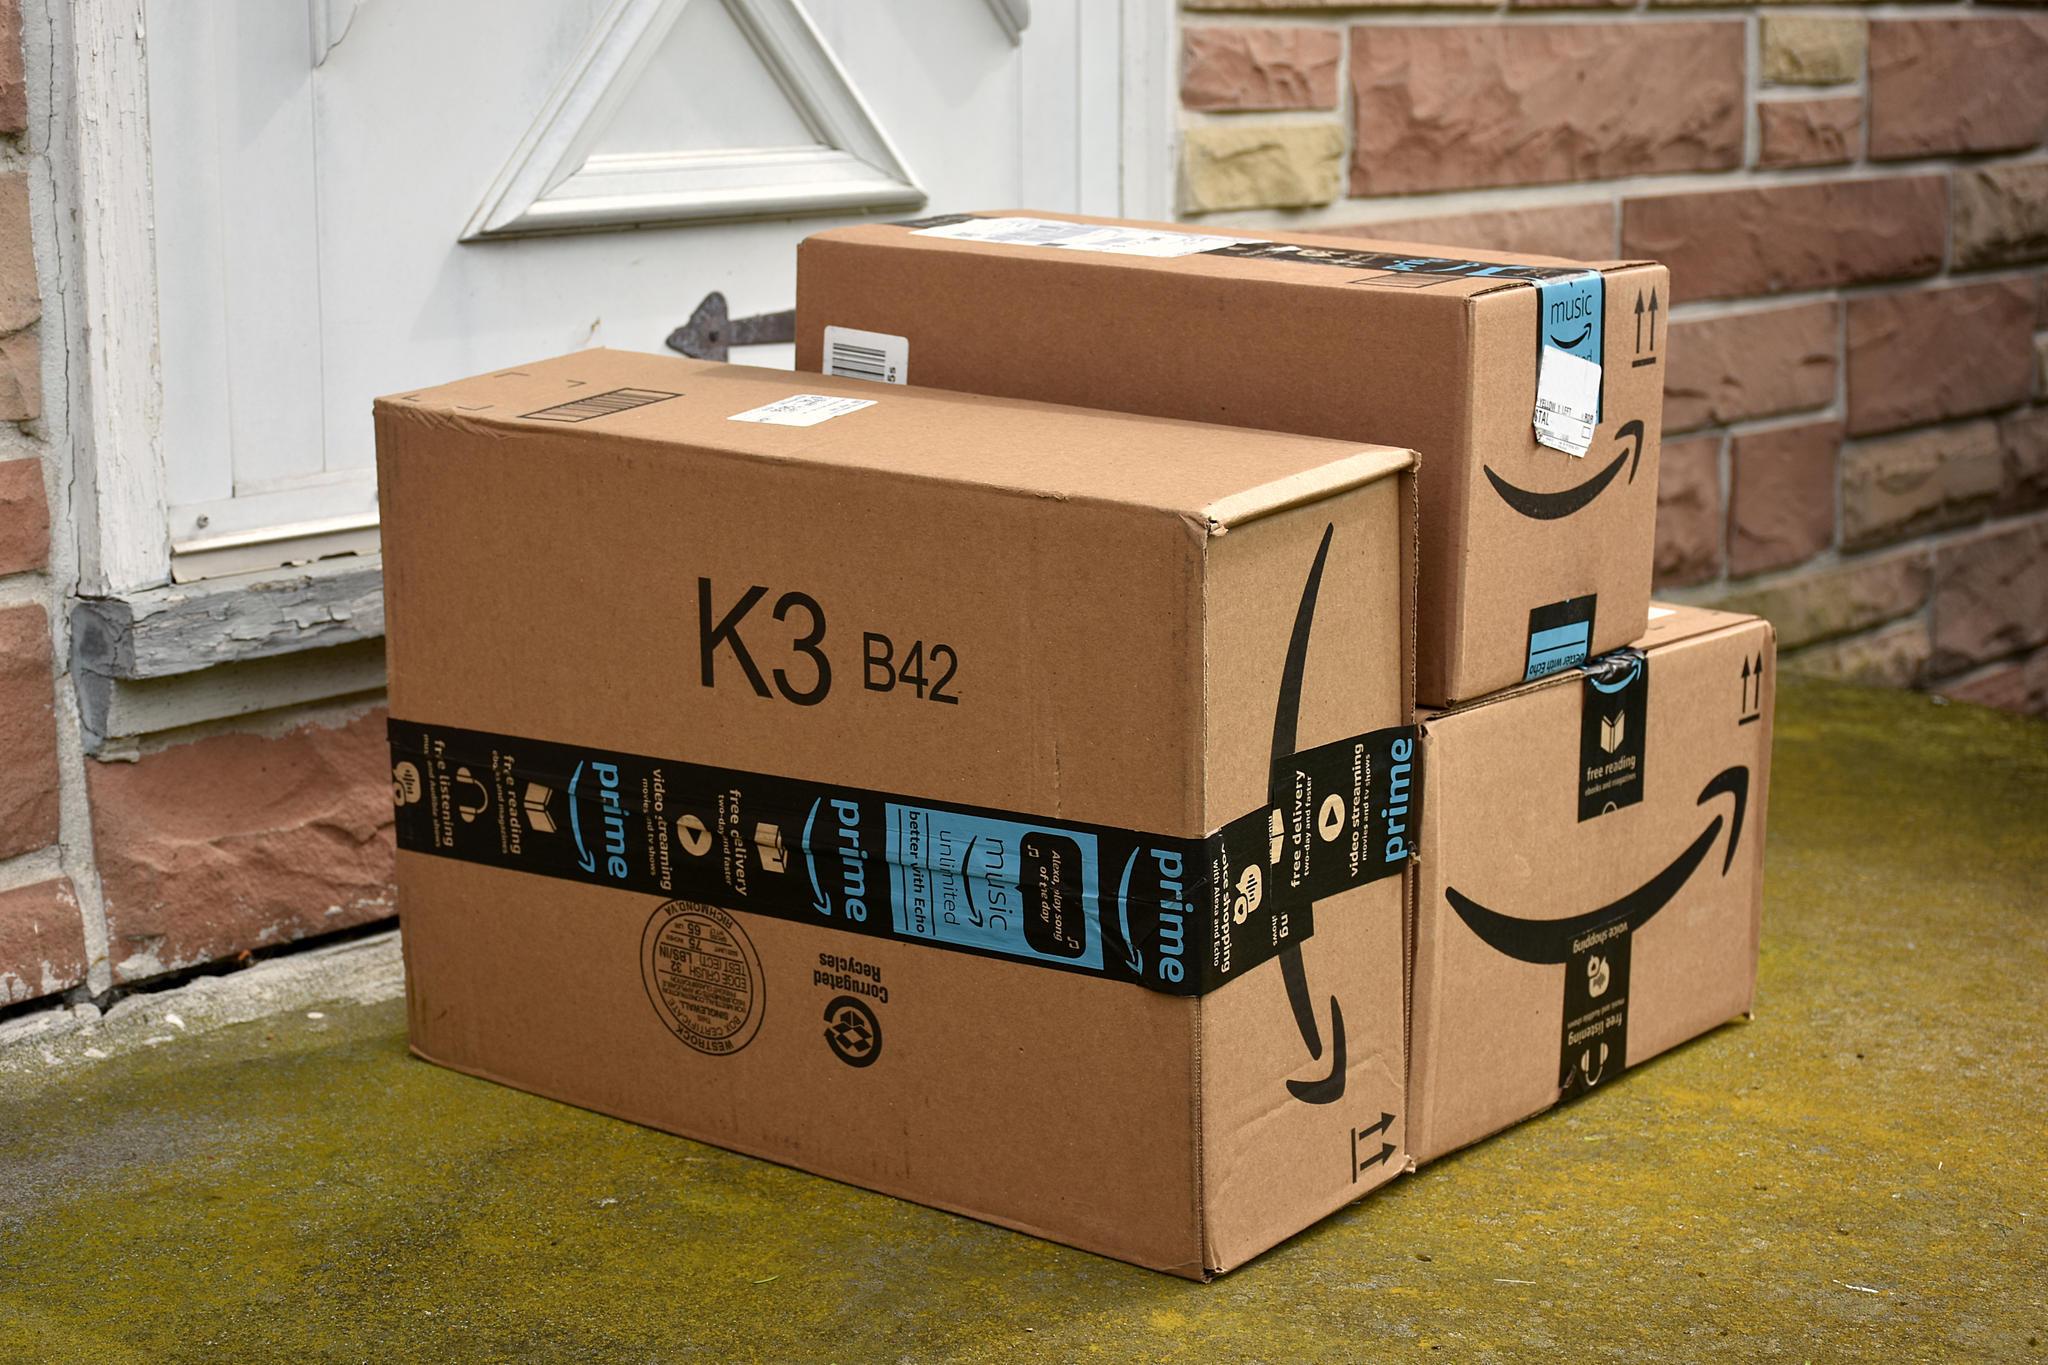 amazon pakete ohne bestellung